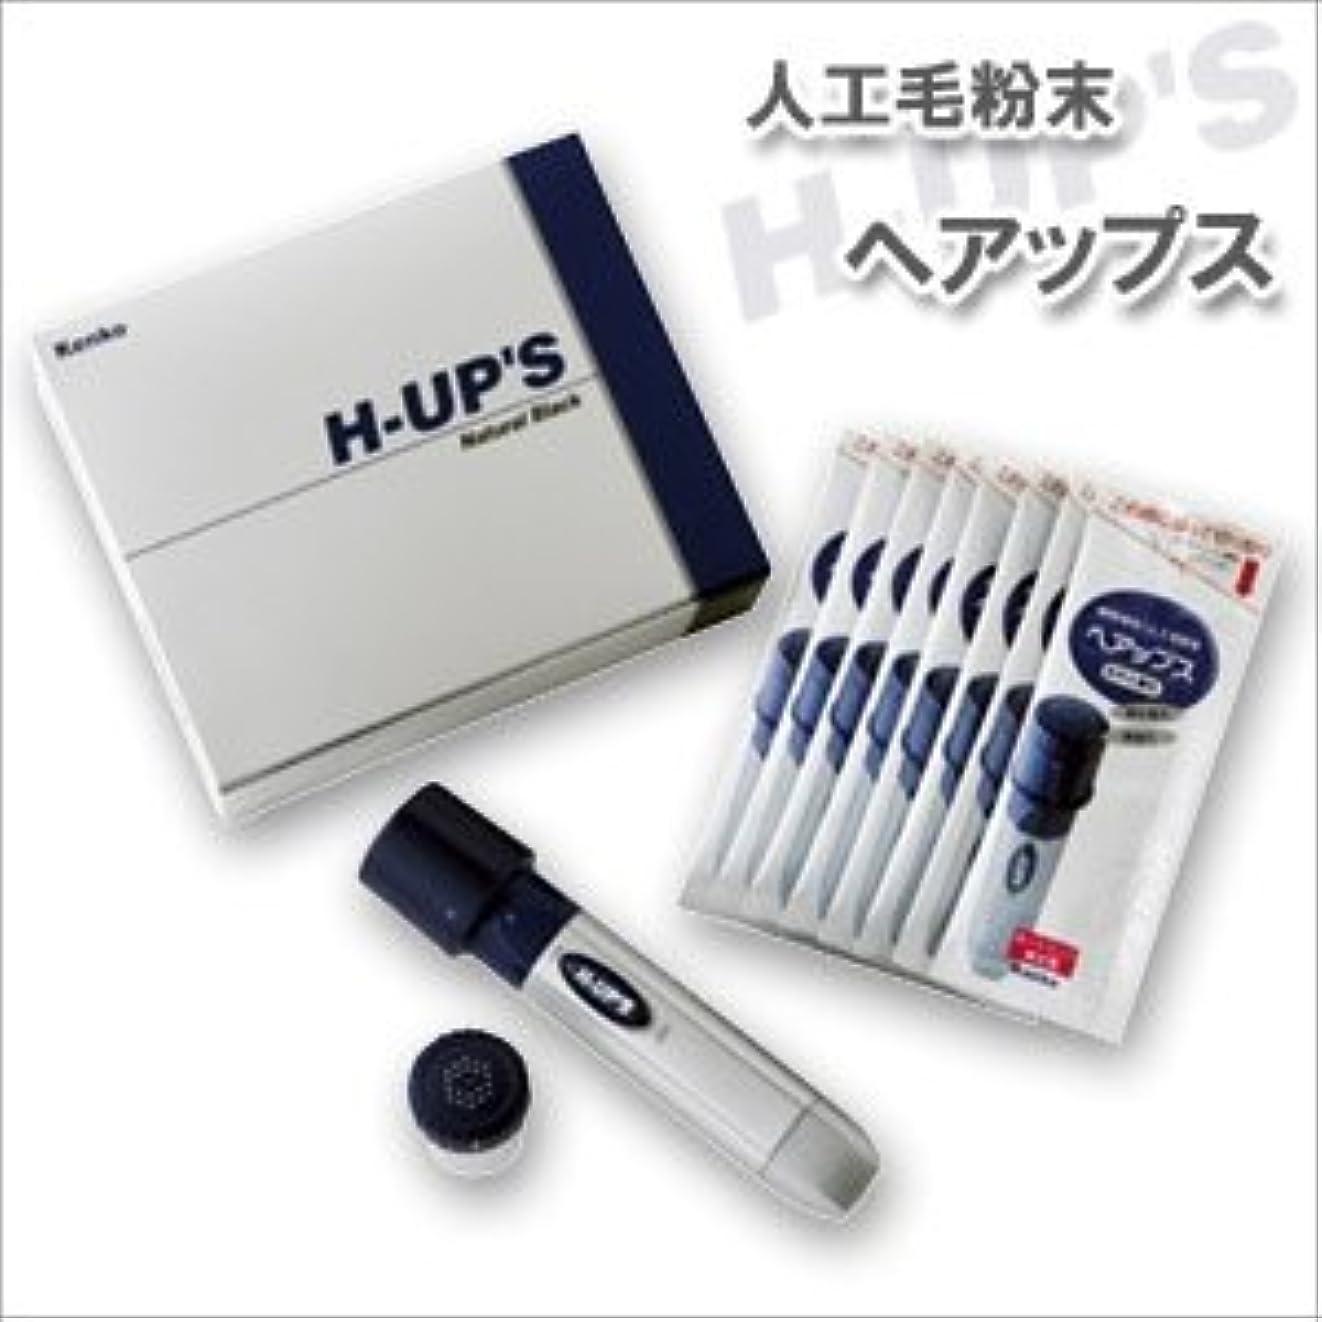 暖かさバッジ祖先H-UP S ヘアップス 電動散布器本体 プラス 補充用カートリッジ 頭皮薄毛カバー粉末 ブラック